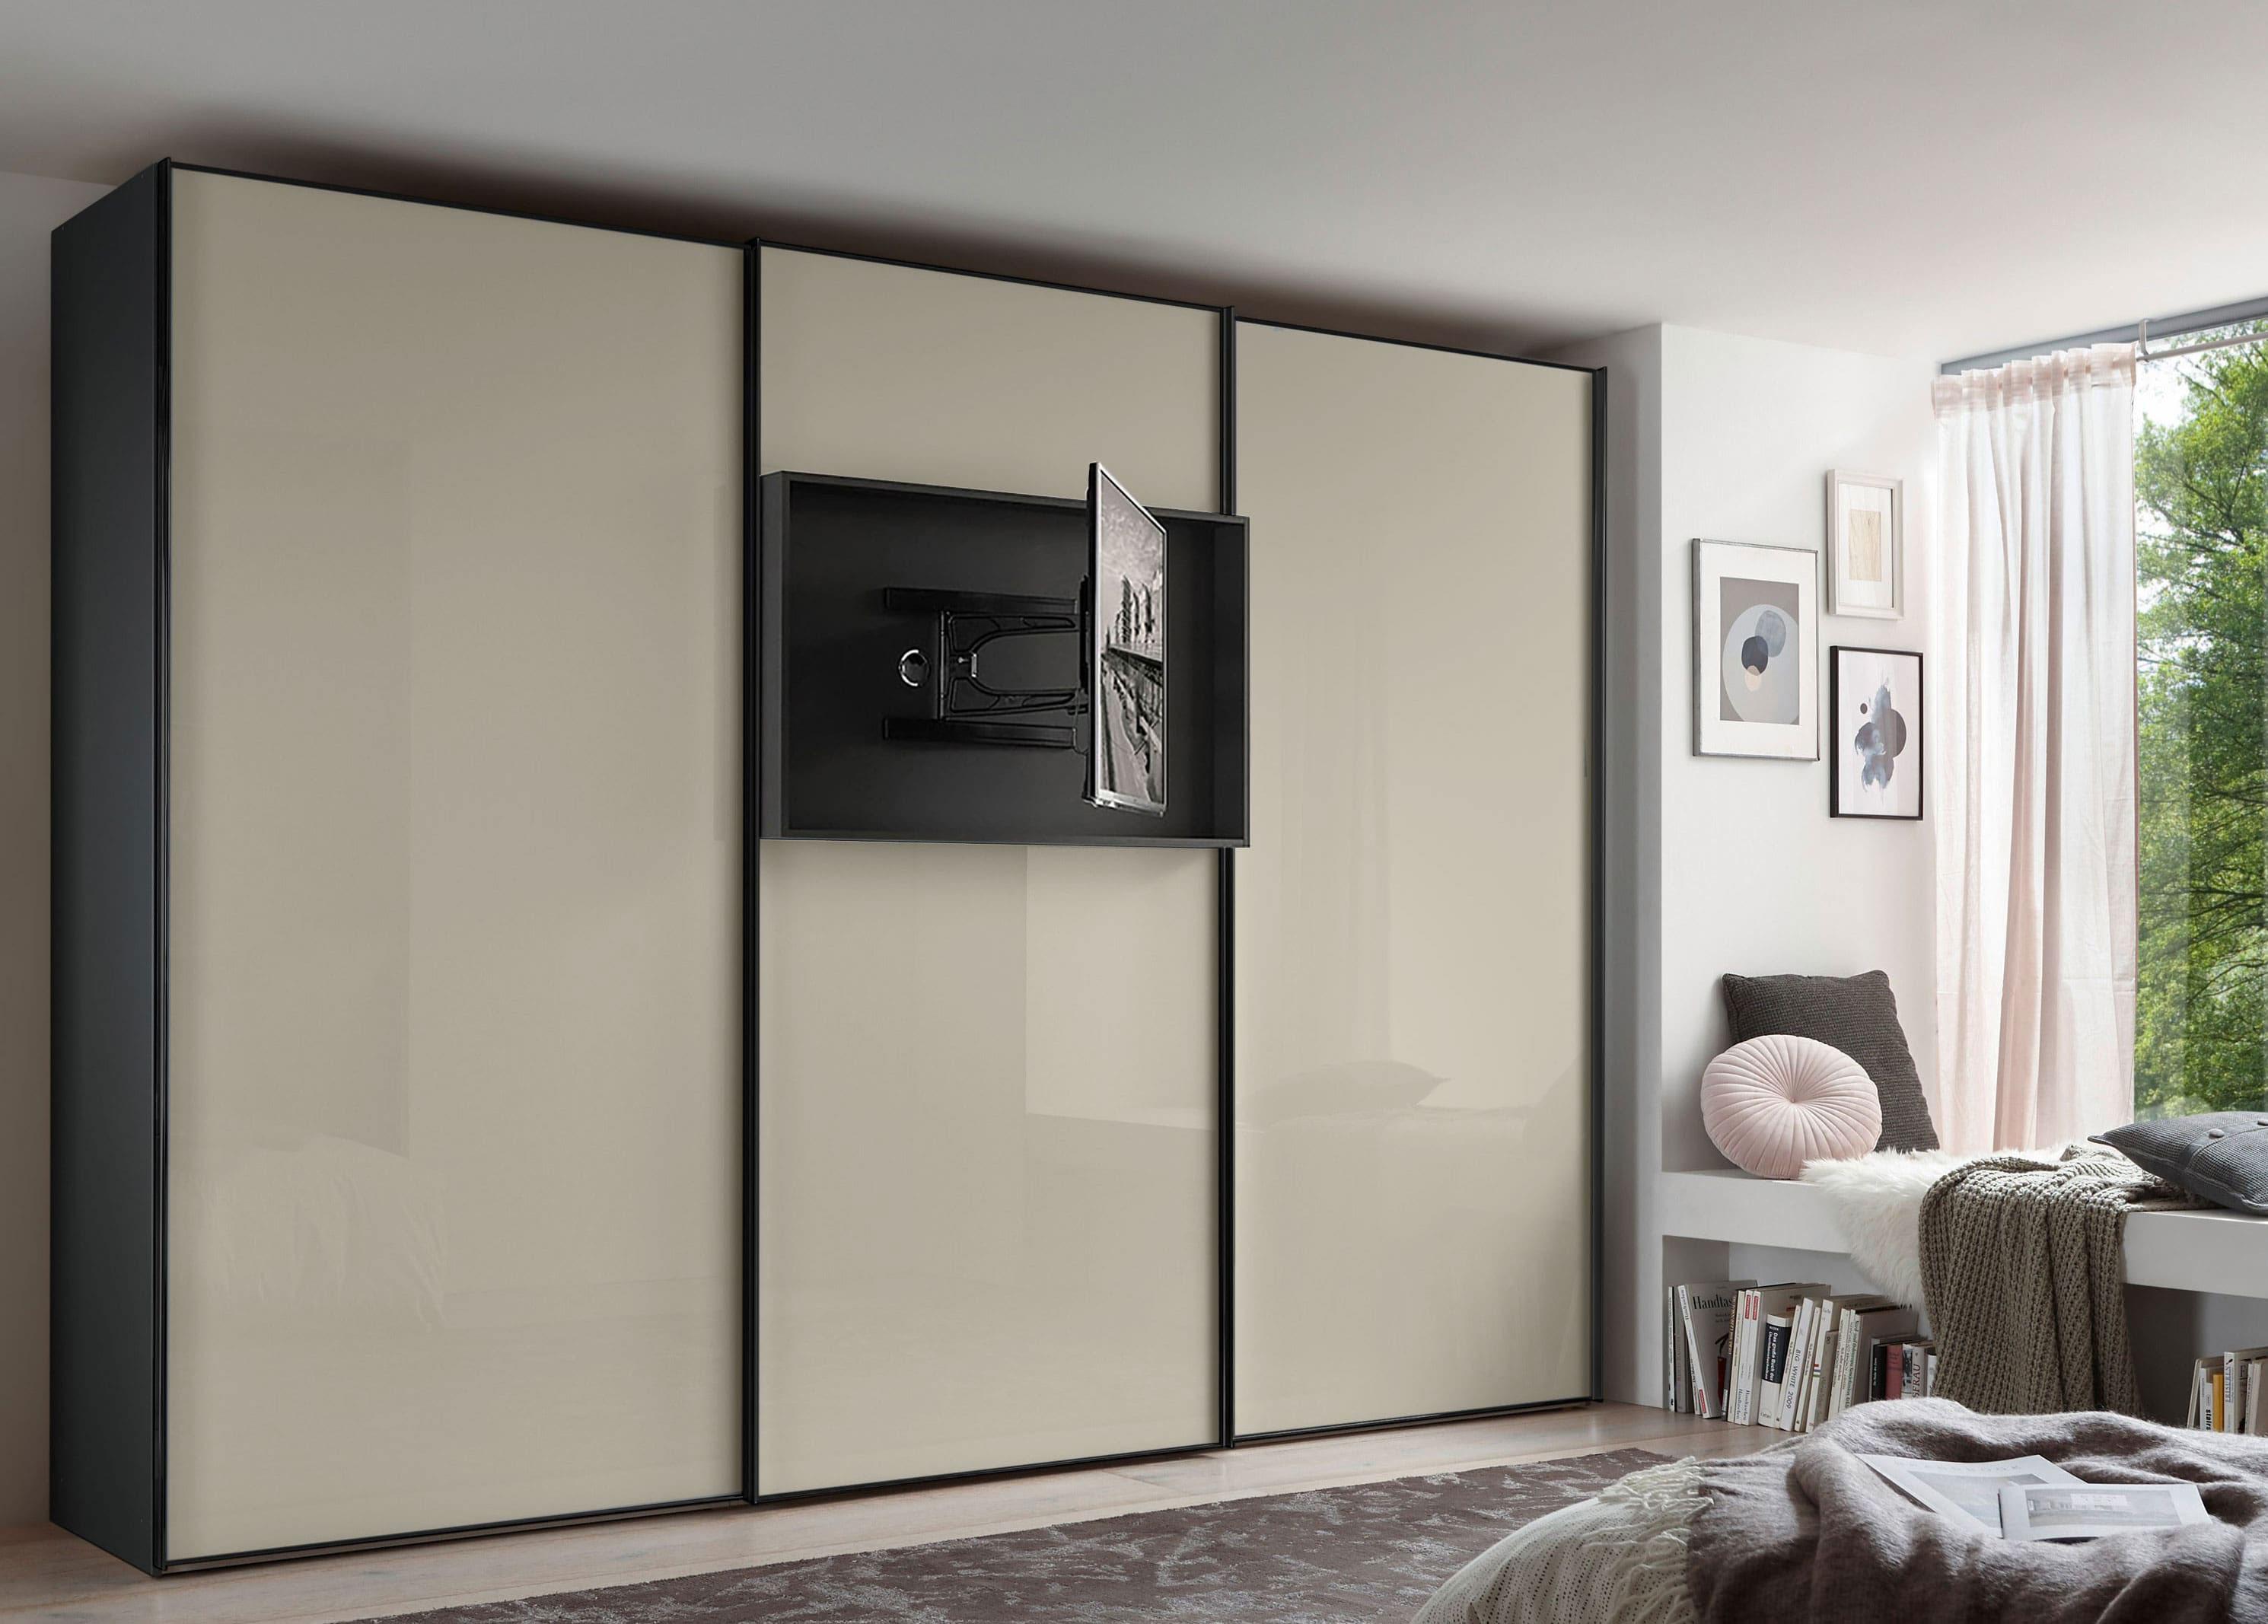 Staud Media Flat Kleiderschrank mit TV Fach Glas